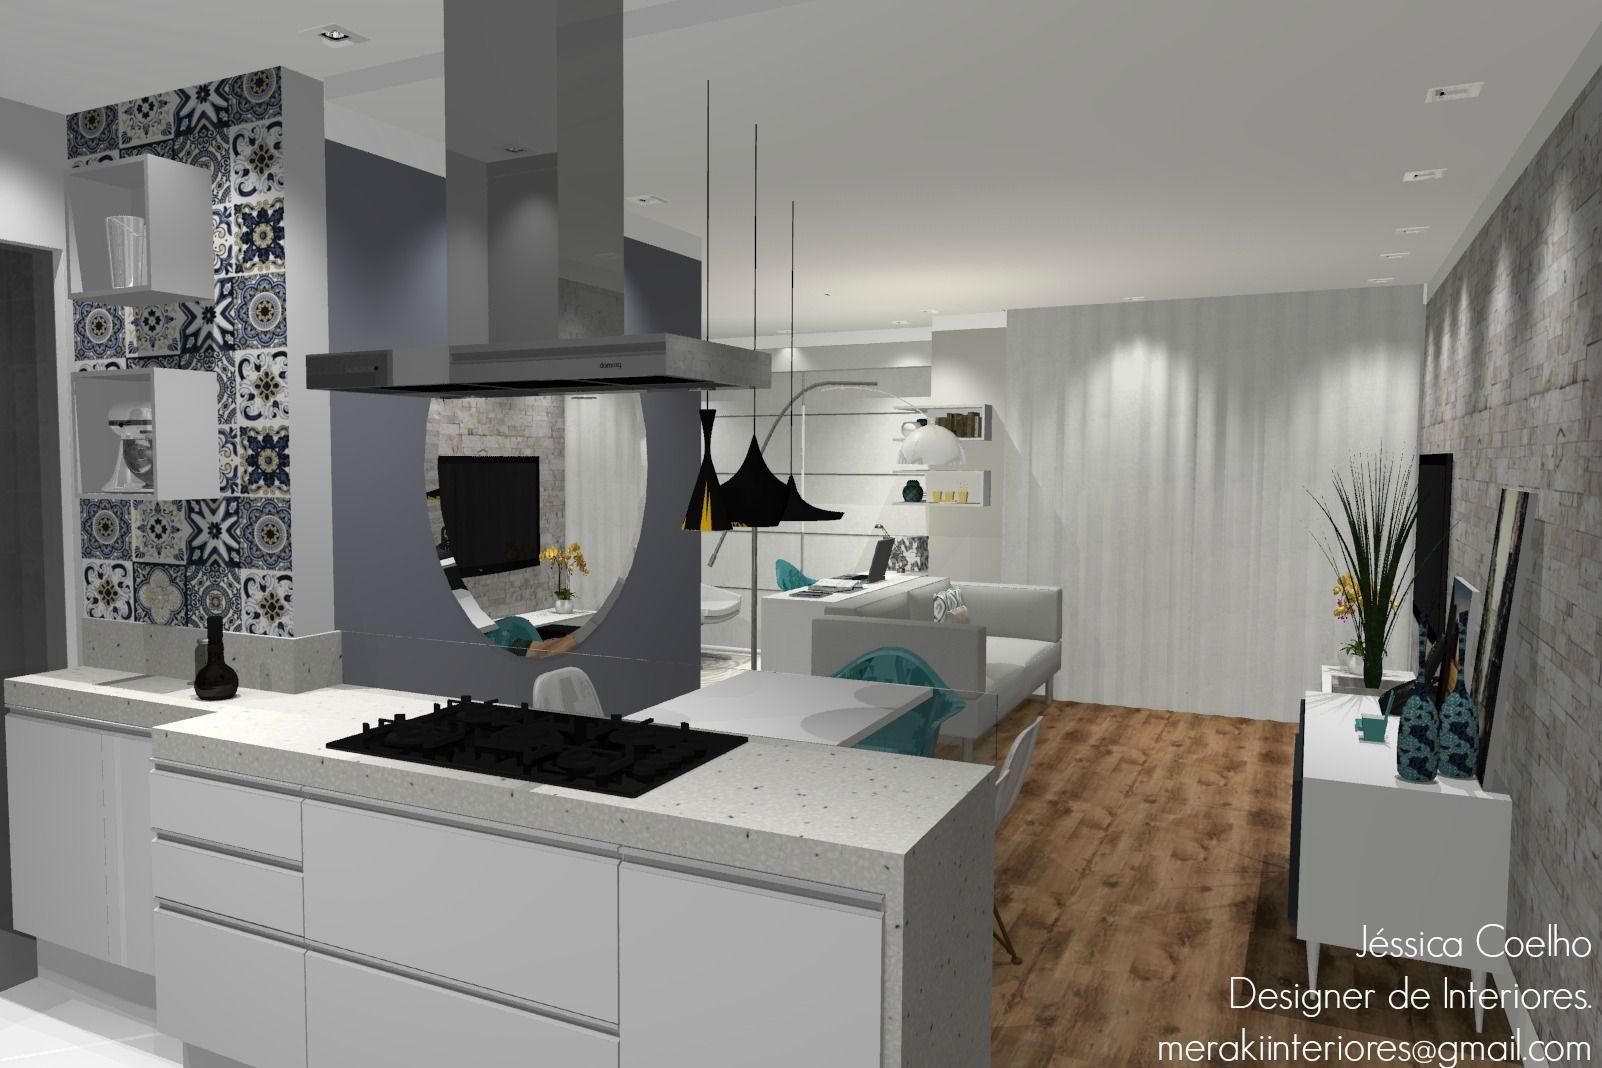 Cozinha Ladrilho Espaço Gourmet. #cozinha #cozinhaplanejada #ladrilhohidráulico #azulejoportuguês #decoração #merakiinteriores #interiores #design #projeto #designerdeinteriores #projetoonline #dmarco #fabricadmarco #dmarcolarcenter #larcenter #projetar #móveisplanejados.